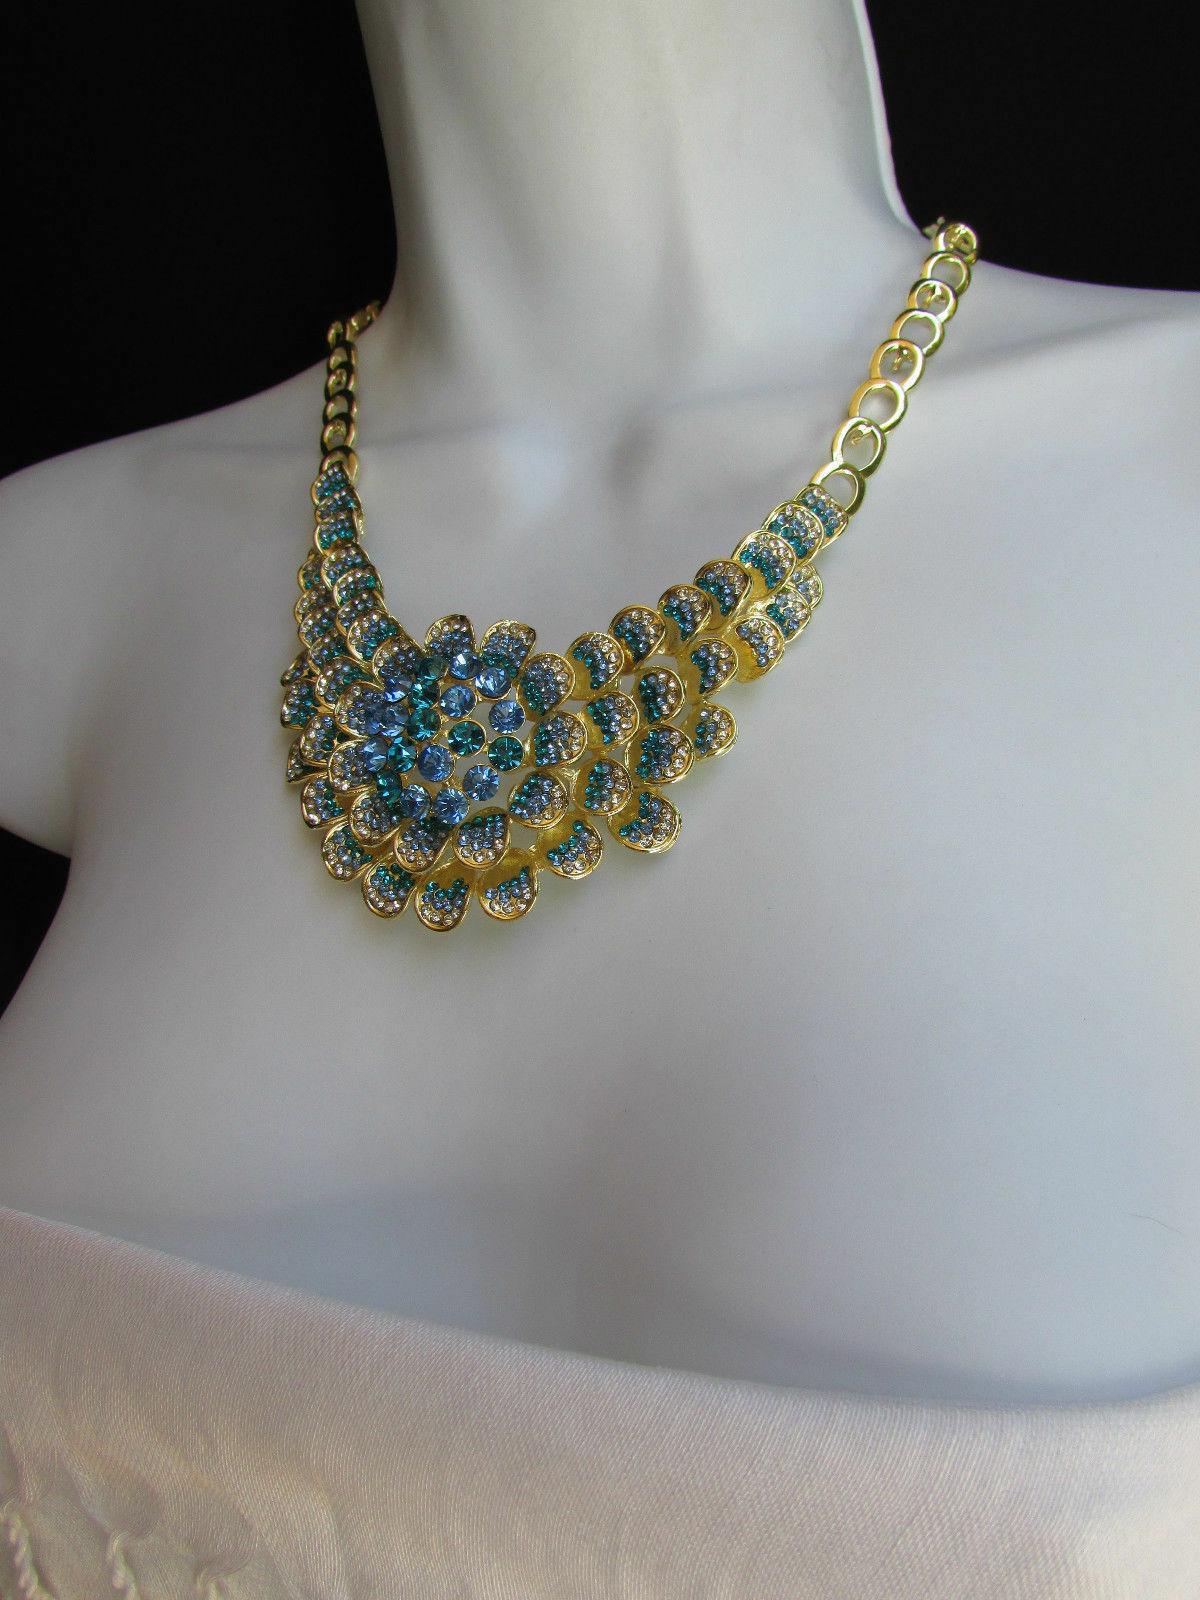 Nuevo Mujer Grande Dorado Flor Tendencia Jewelry Azul Diamantes Collar image 9